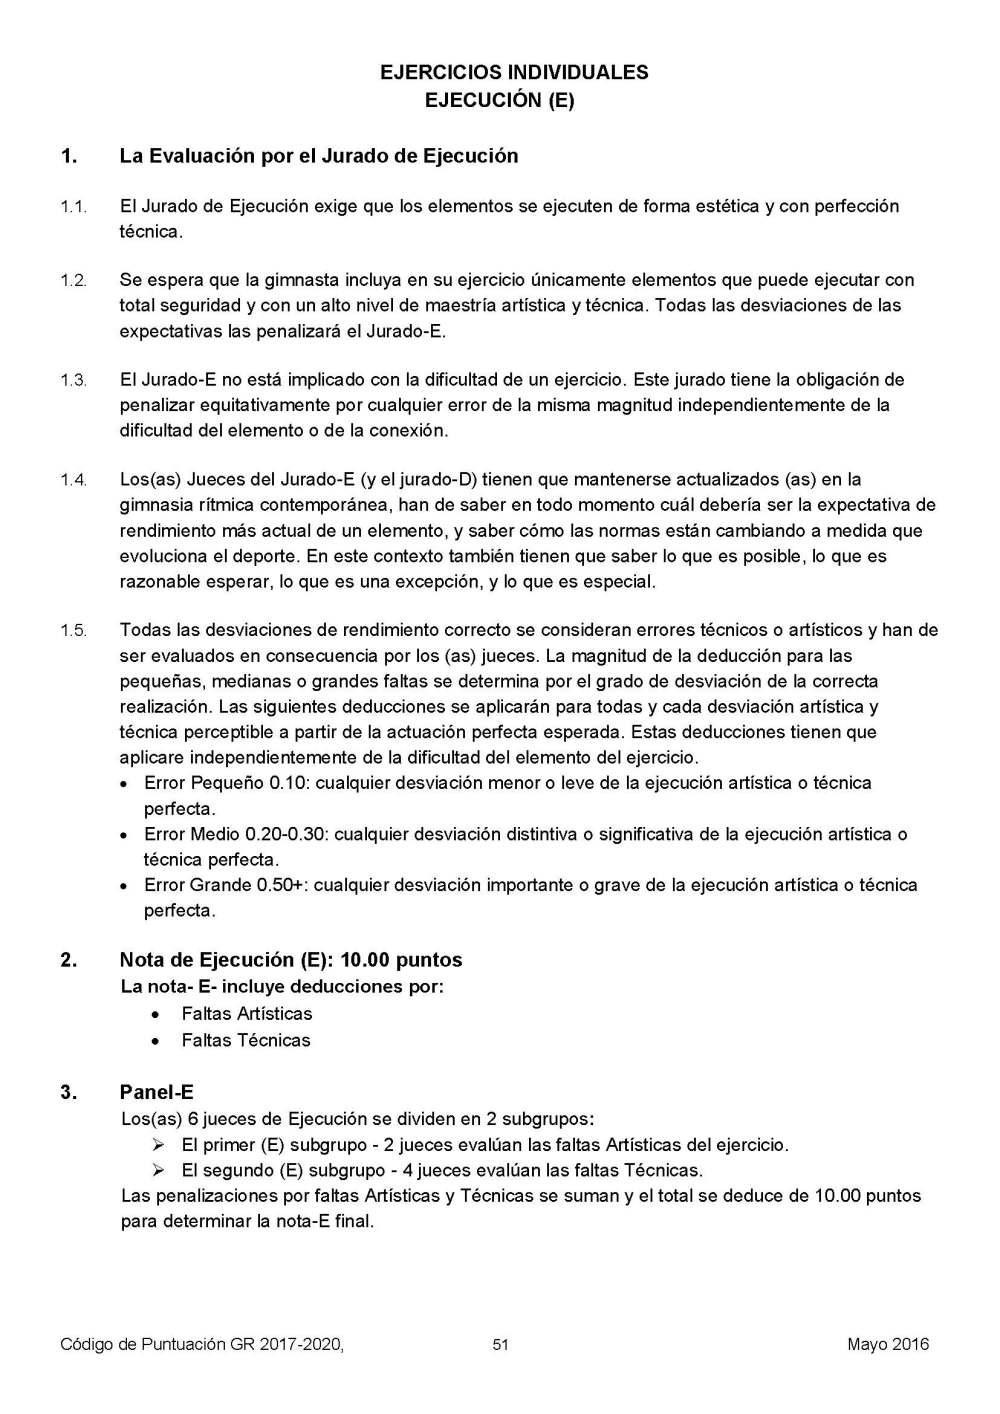 codigo20172020_Página_51